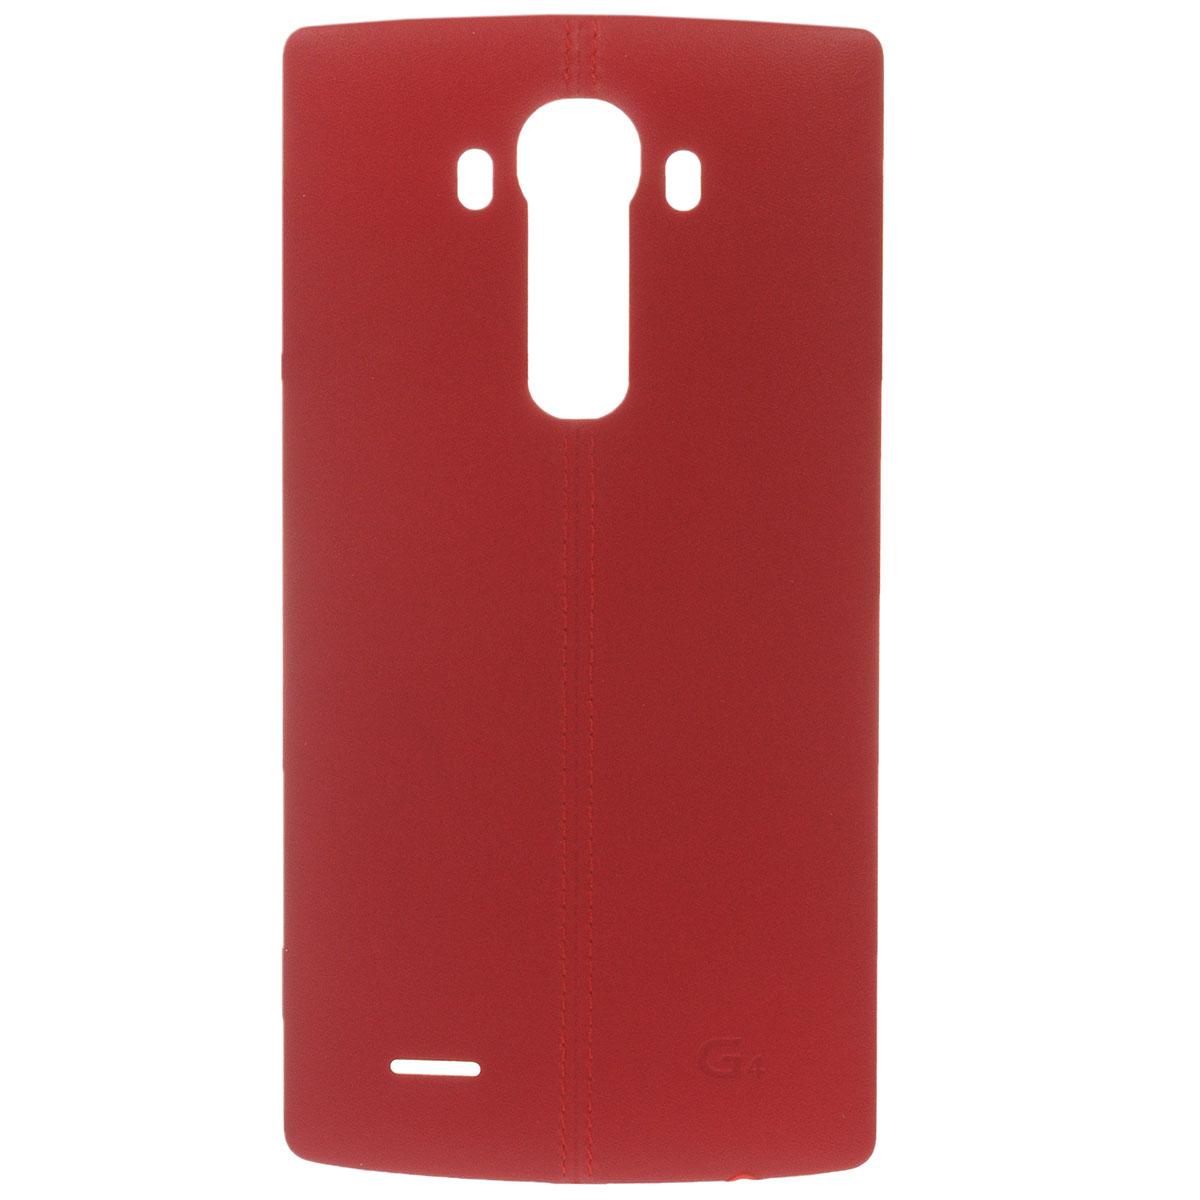 LG BackCover чехол для G4 H818, RedCPR-110.AGRAFRЧехол LG BackCover для G4 H818 предназначен для защиты корпуса смартфона от механических повреждений и царапин в процессе эксплуатации. Покрытие чехла из натуральной кожи со стильным швом-строчкой. Доступна работа NFC.